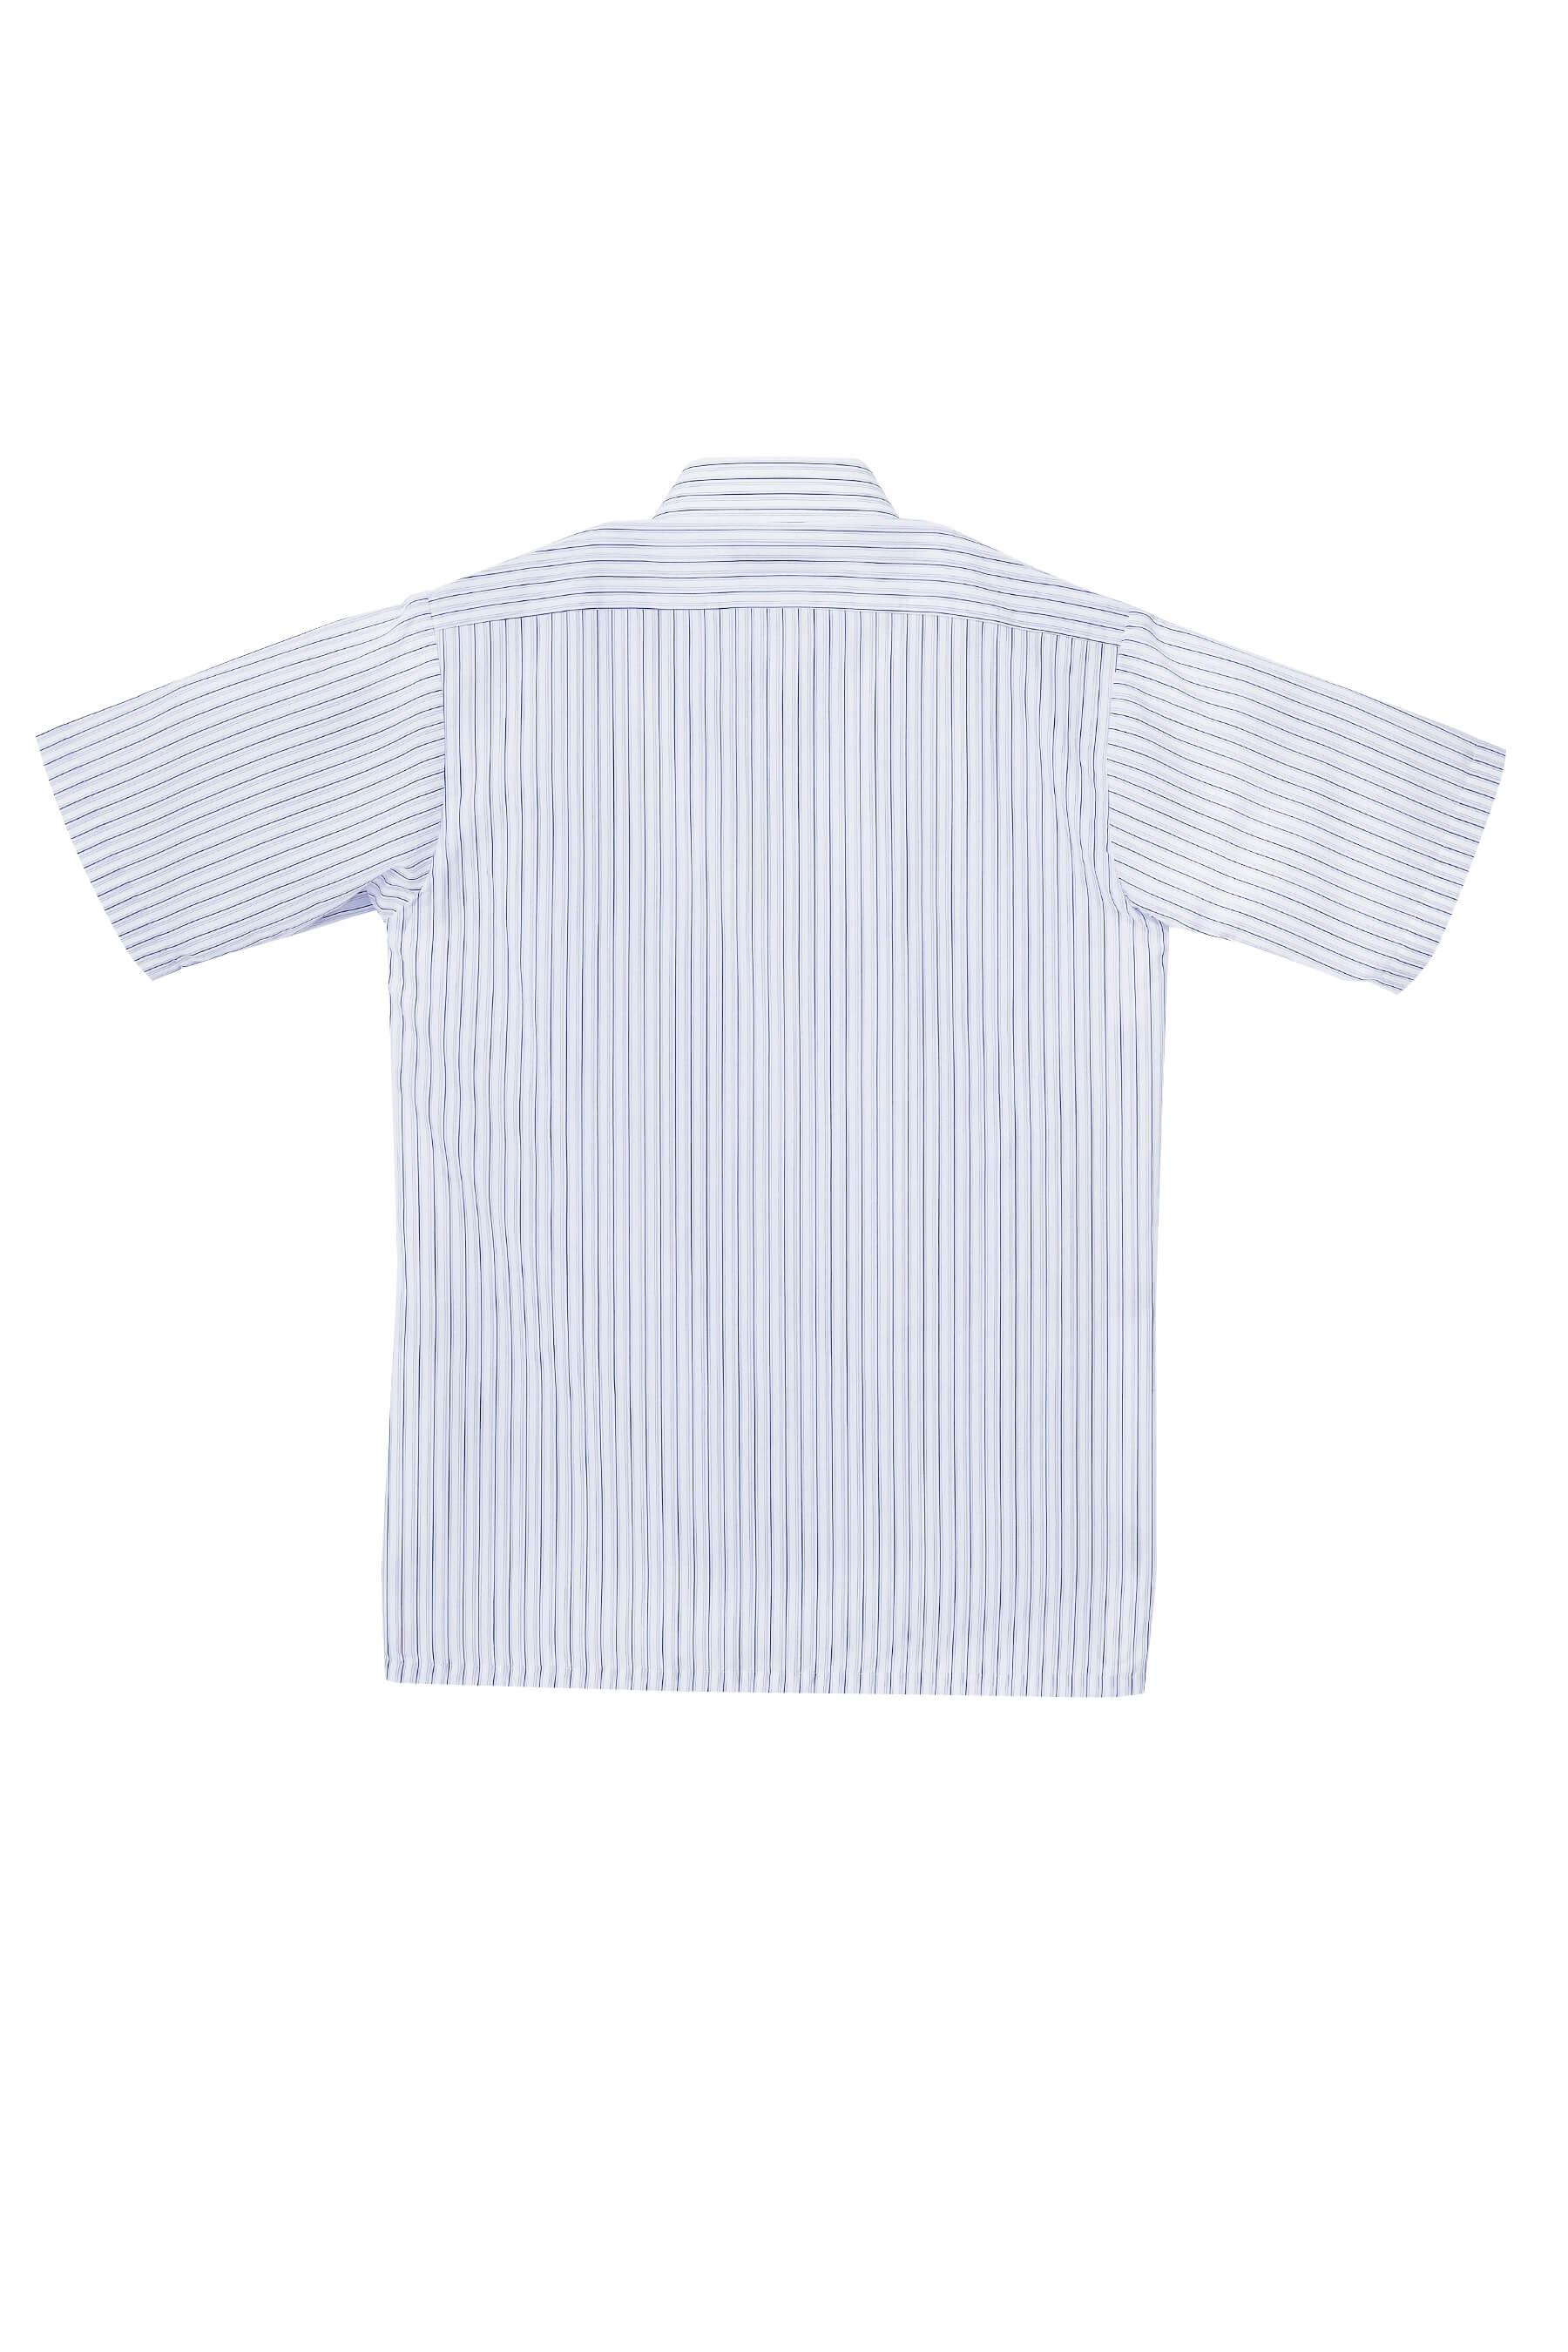 紫藍條紋棉質短袖襯衫/舒適透氣